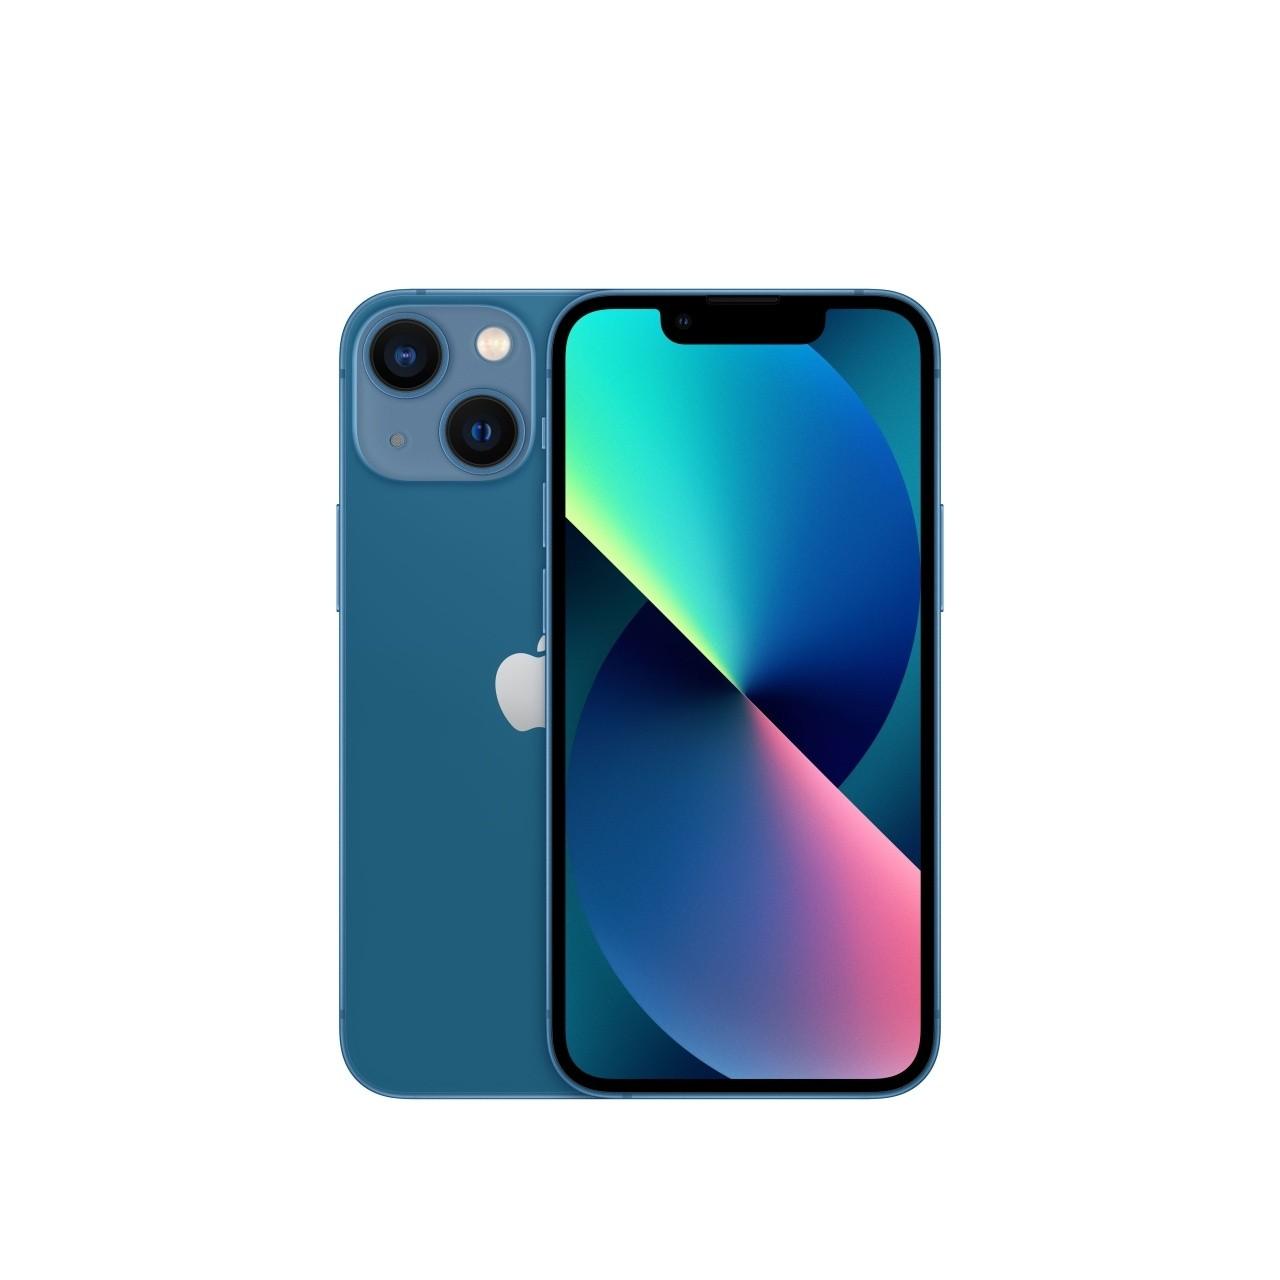 Apple iPhone 13 mini 5G 128 GB Blu